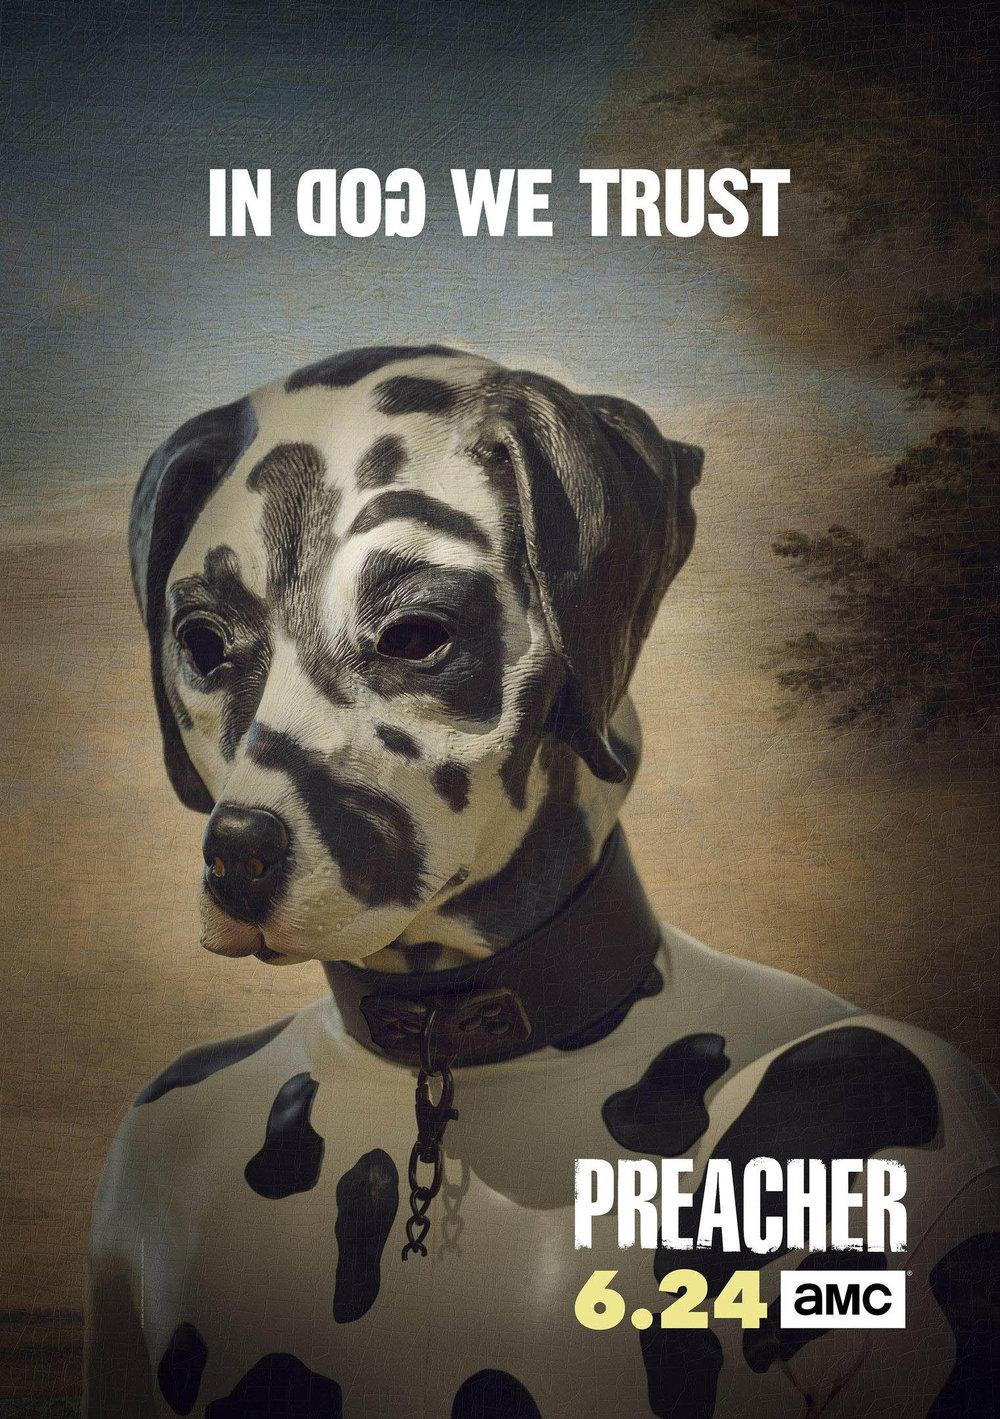 preacher-season-3-promotional-poster_FULL.jpg